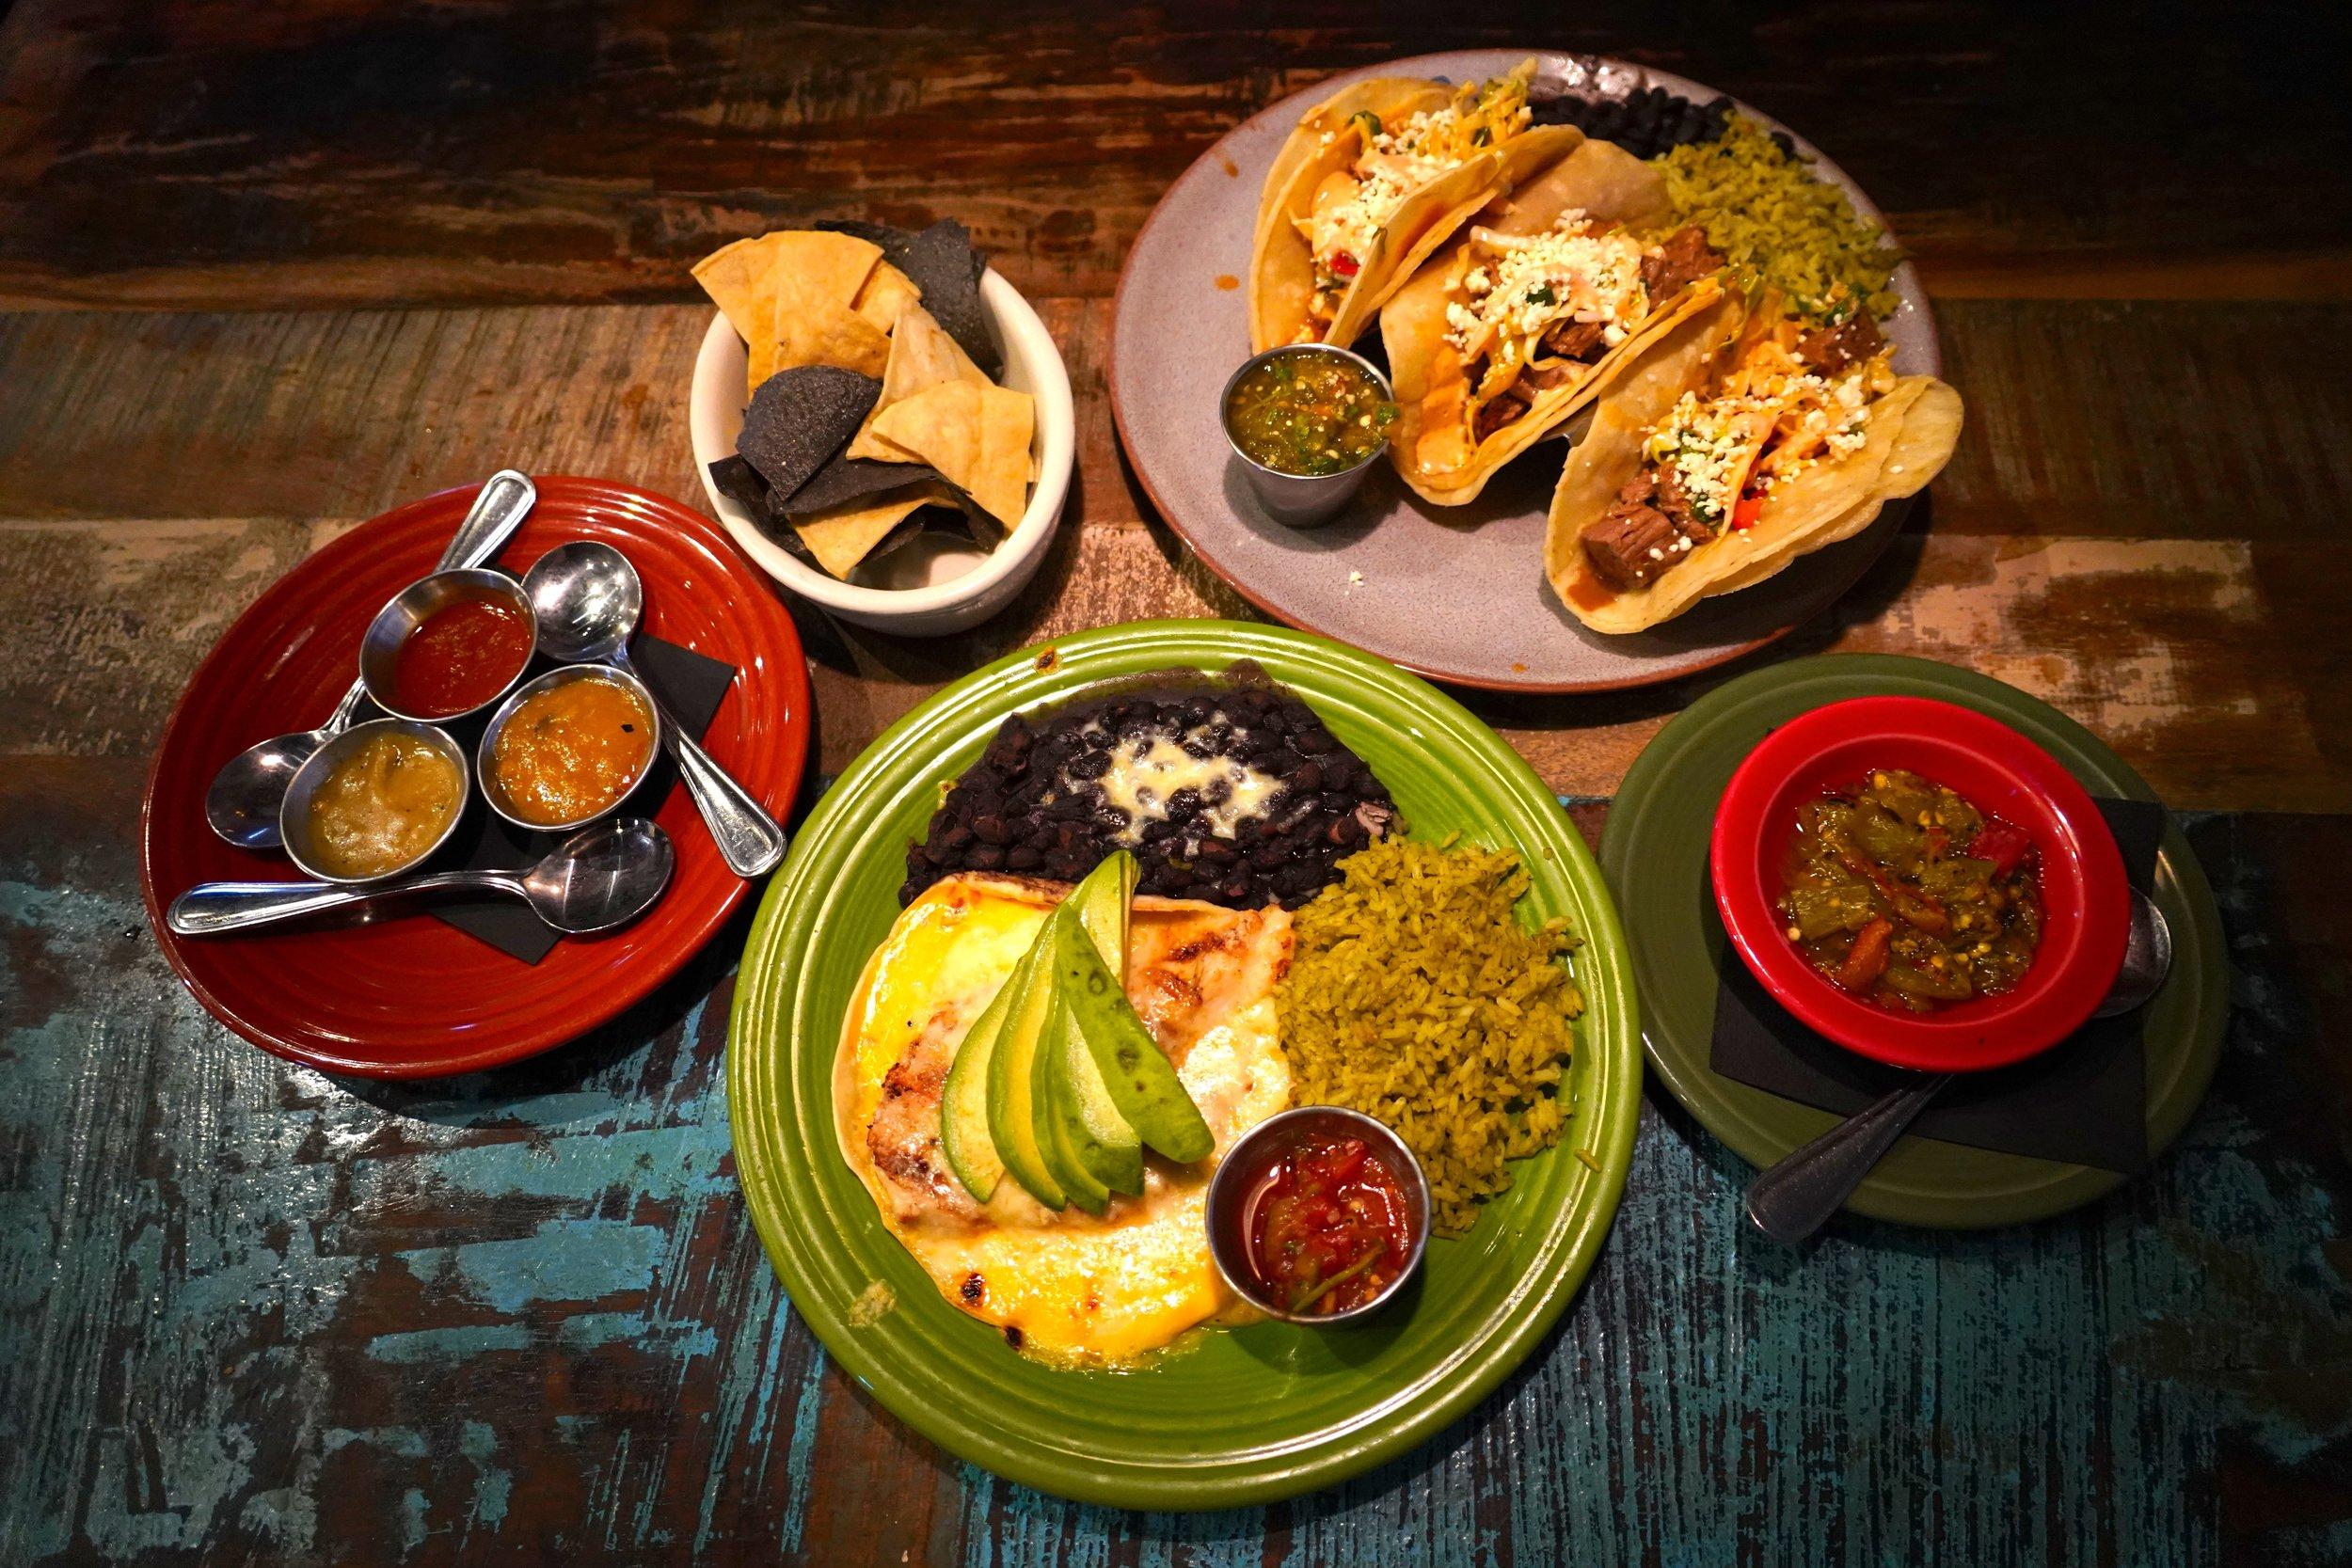 2/Eats tacos & fabulous food